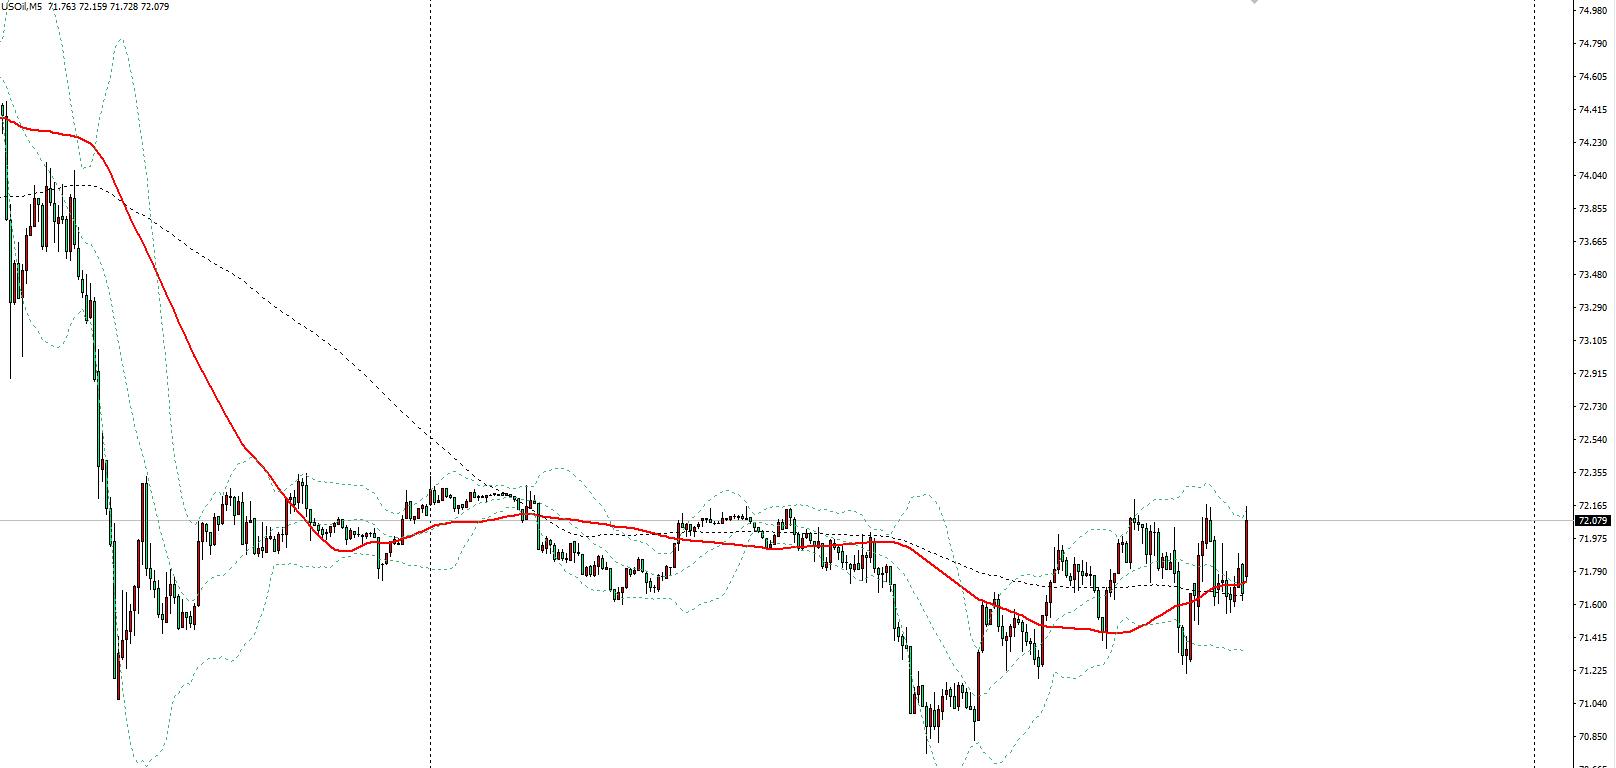 EIA原油庫存降幅超預期,美油短線攀升0.6美元